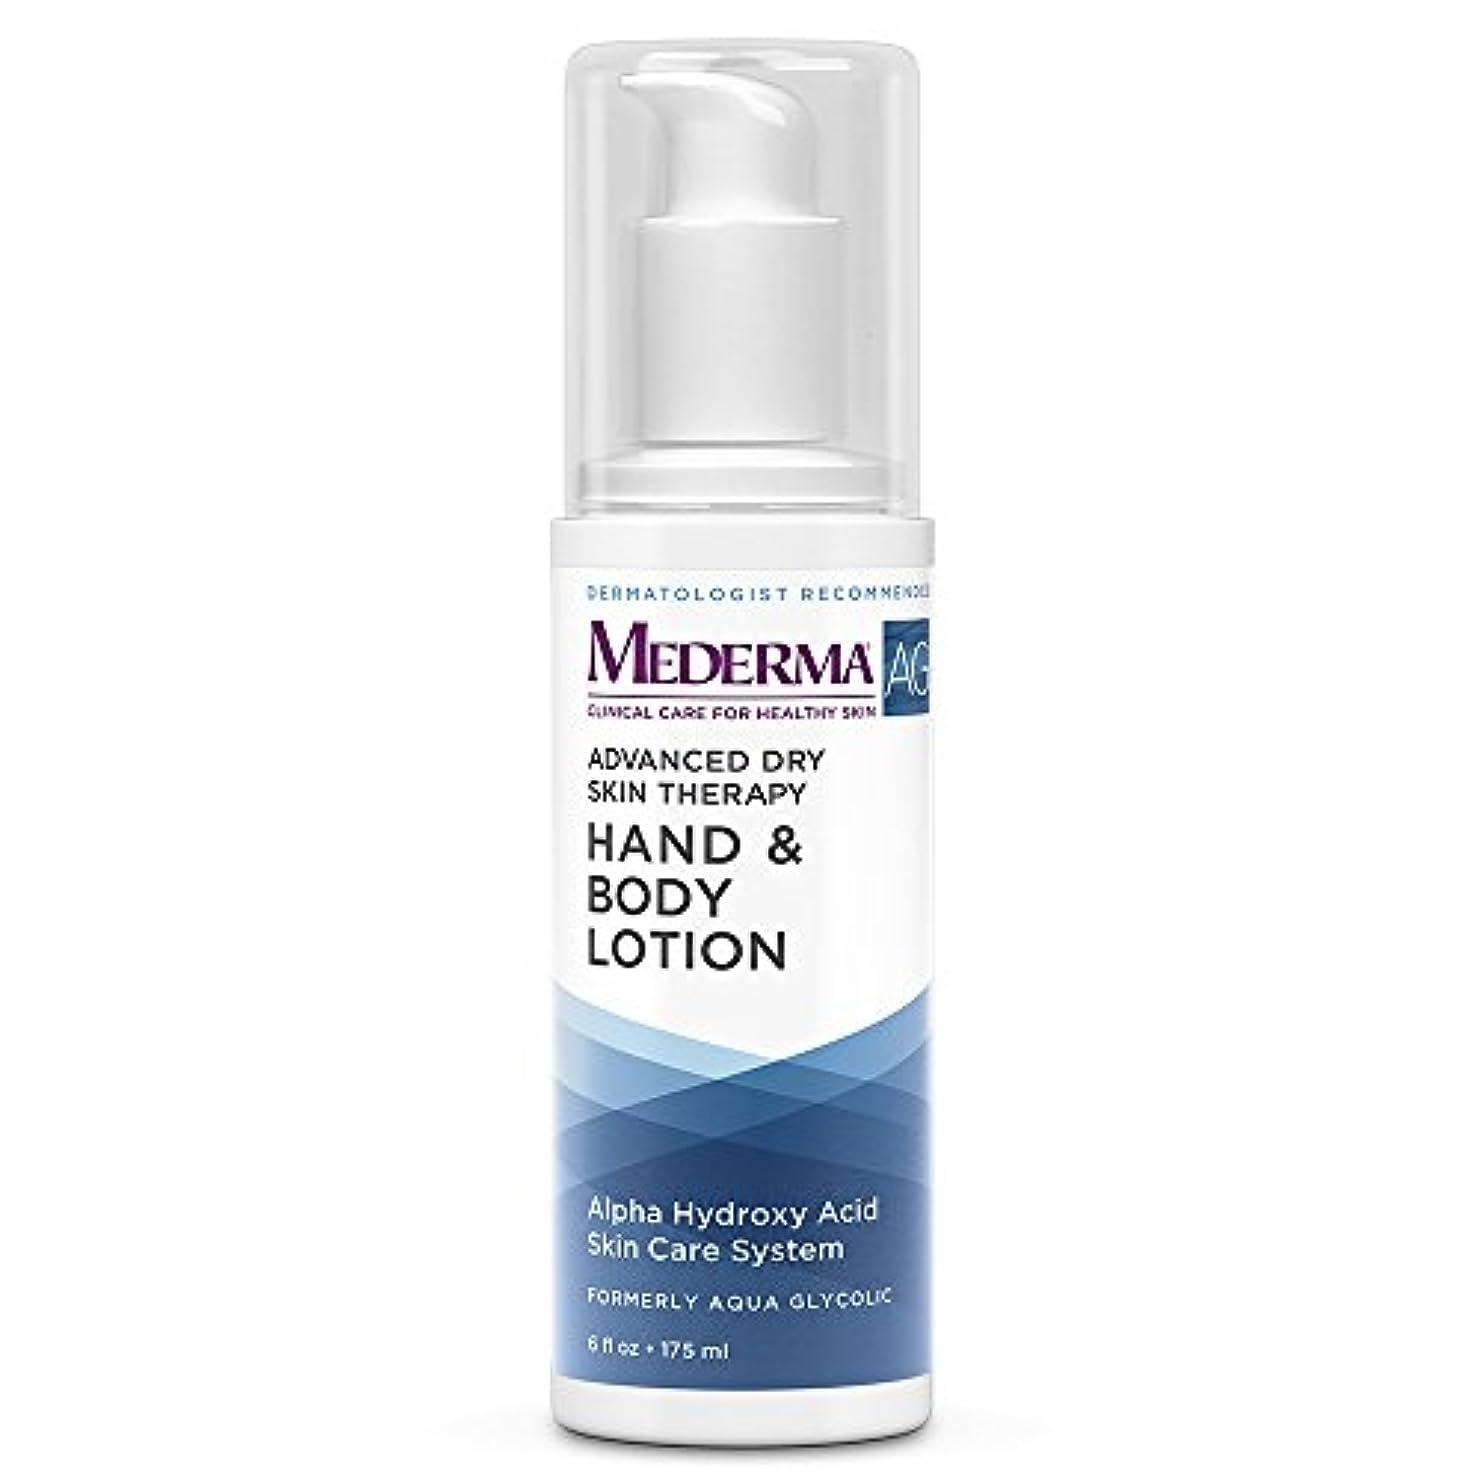 エキスシンプルなセットするMederma AG モイスチャライジングハンド&ボディローション - グリコール酸で水分を維持し、ゆっくりと乾燥を削除するには、Sunが損傷した皮膚細胞 - 皮膚科医推奨ブランド - 無香料 - 6オンス